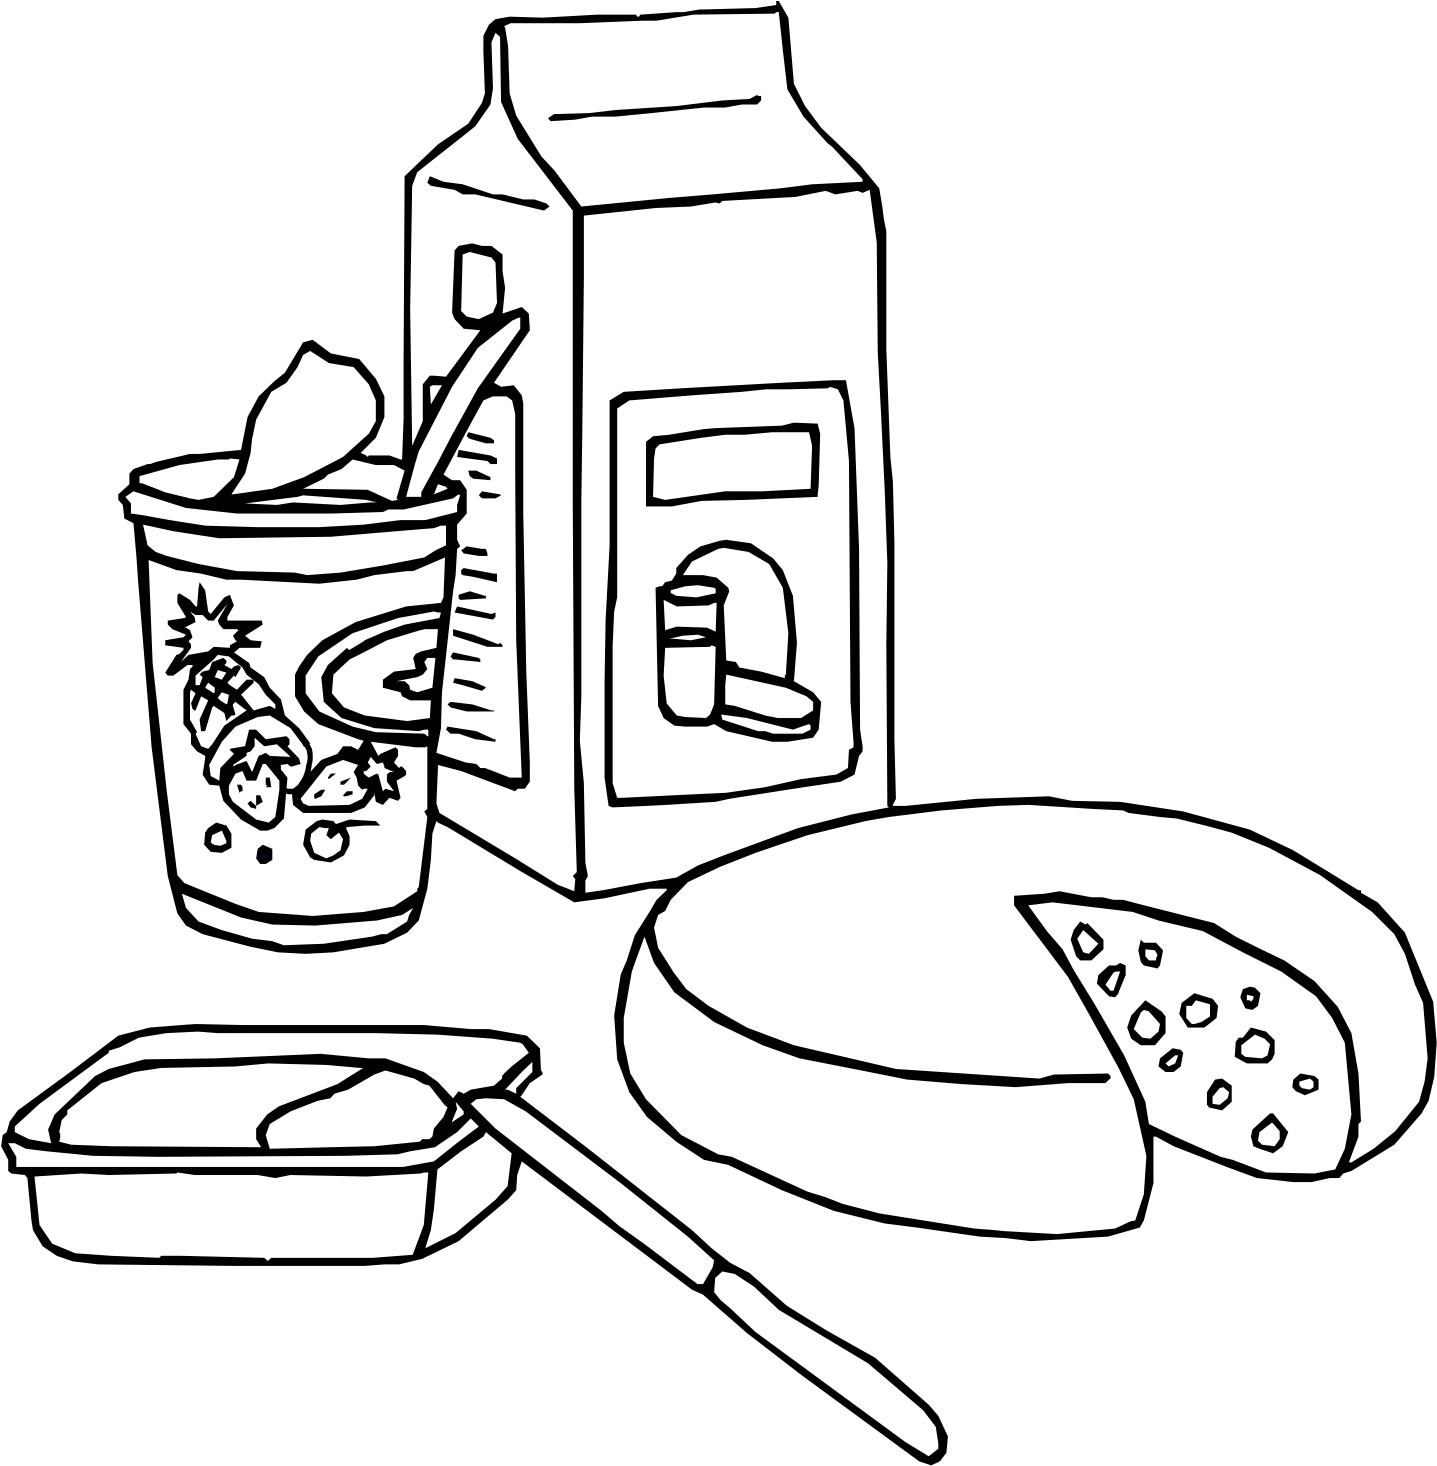 масштаб распечатать раскраски продукты питания распечатываю